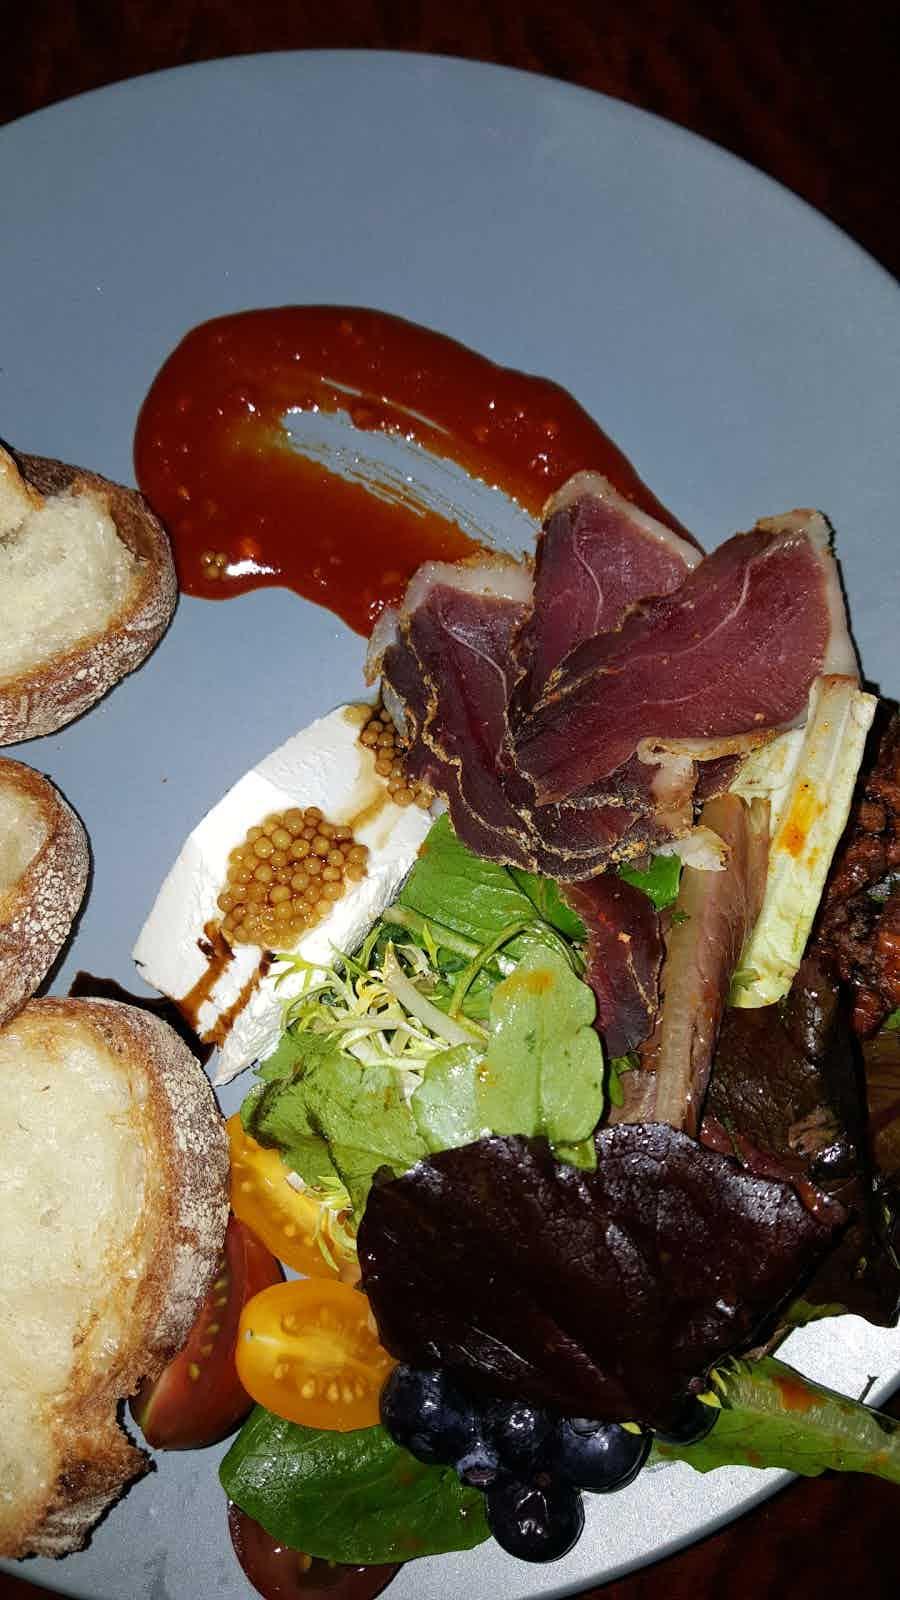 fuse box korean oakland fusebox oakland restaurant review zagat  oakland restaurant review zagat